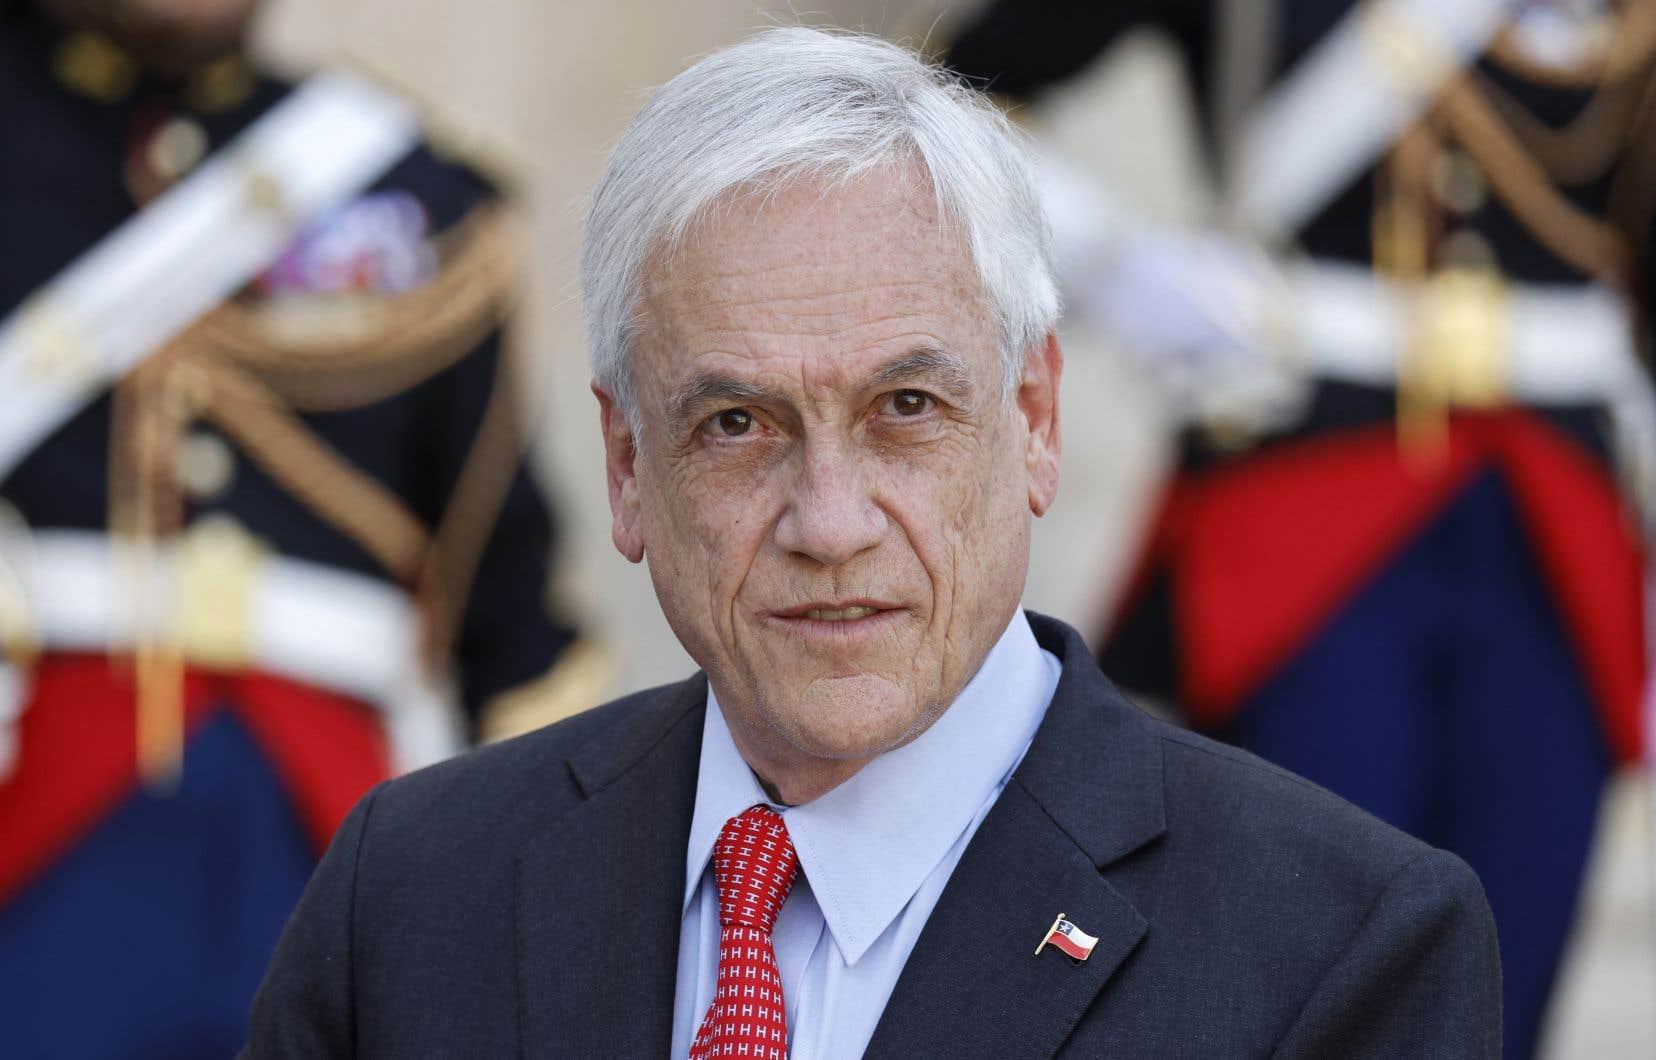 Sebastian Piñera est au centre de la polémique au Chili après des révélations d'une vaste enquête mondiale du Consortium international des journalistes d'investigation.